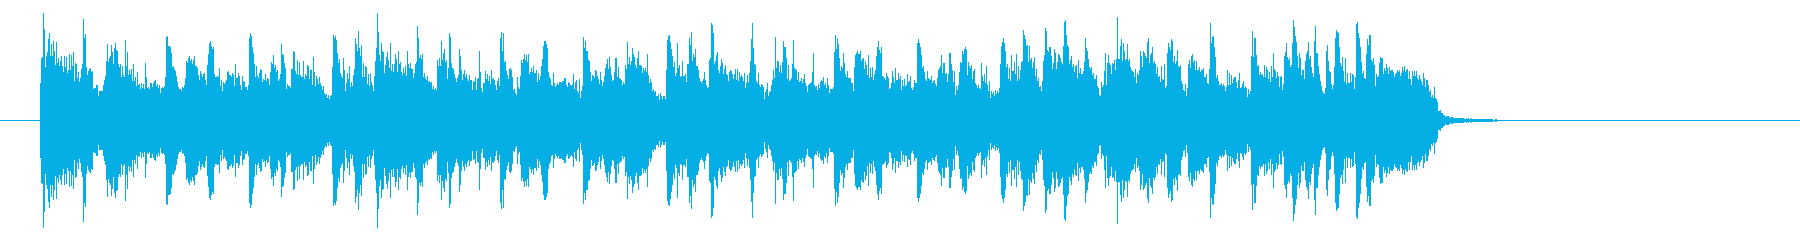 シンプルで緩やかなエレキジングルの再生済みの波形